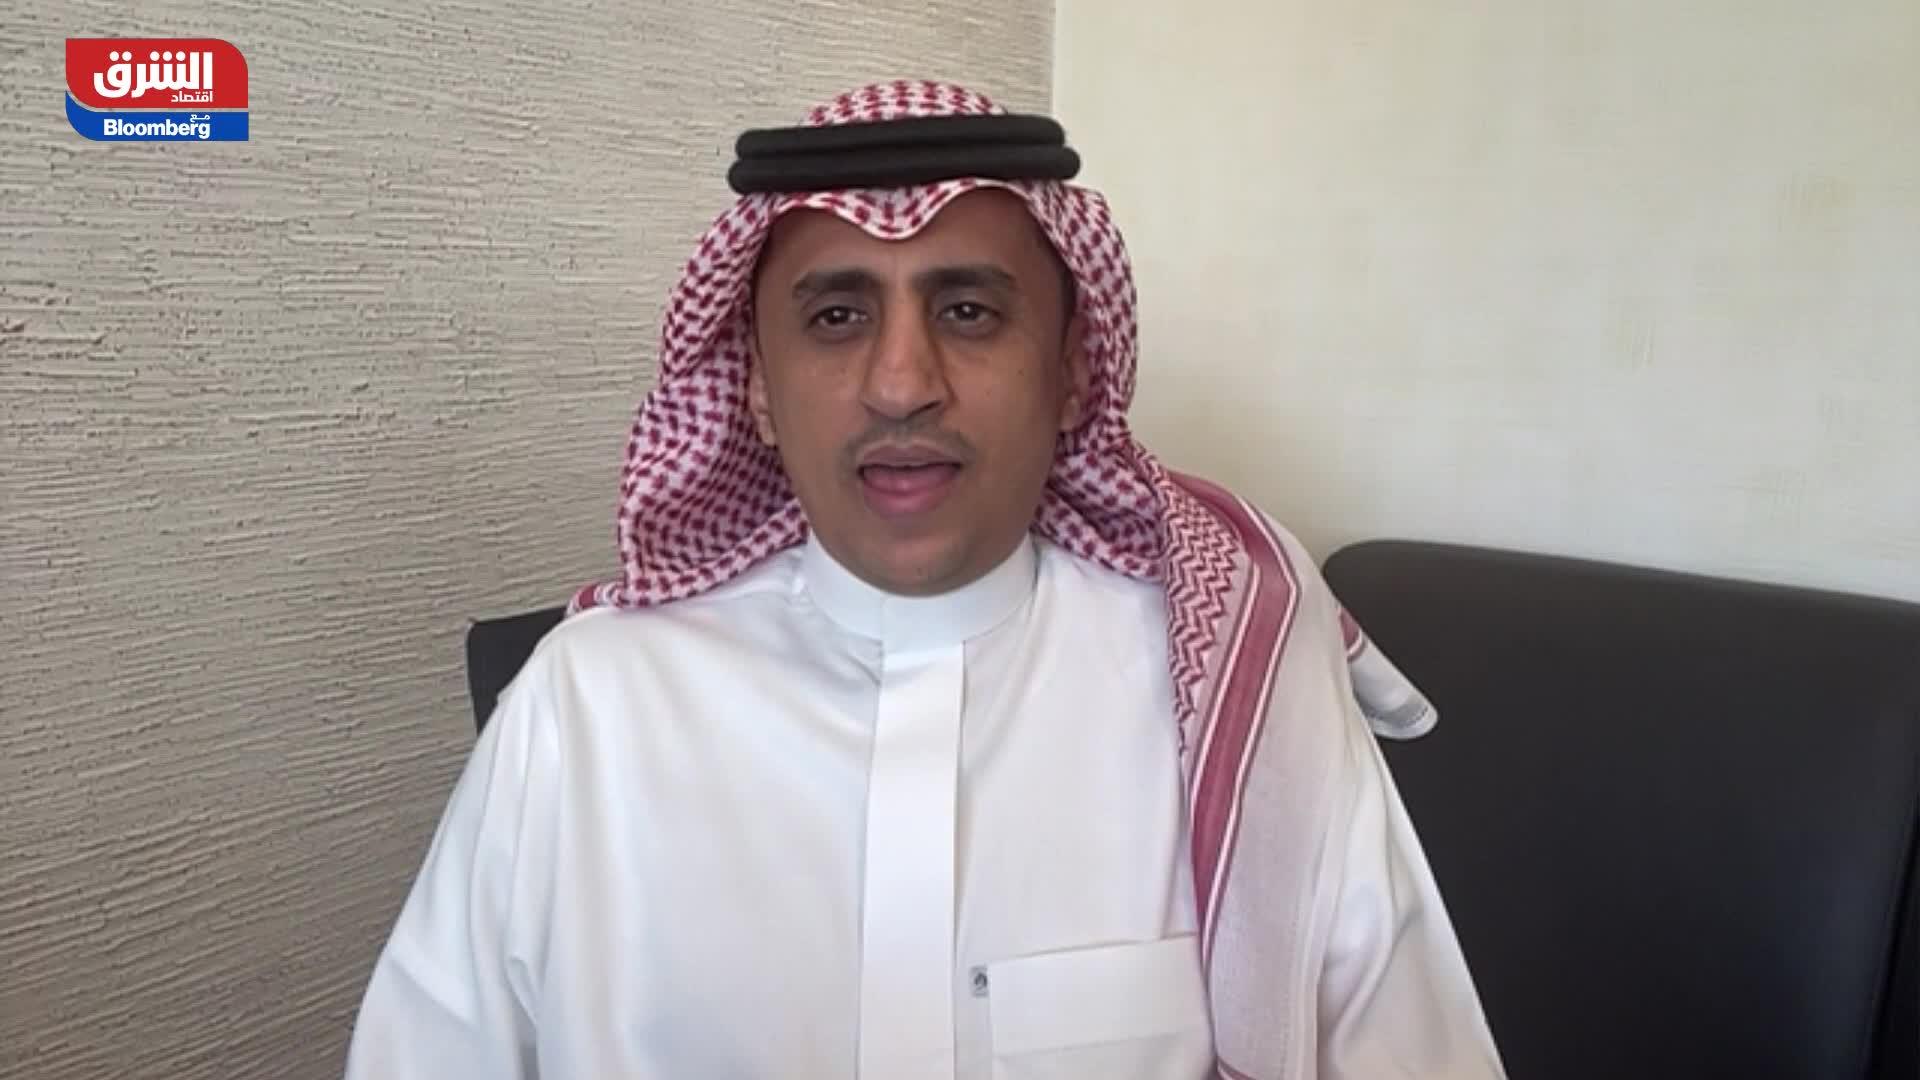 علي الحازمي – المحلل والكاتب الاقتصادي